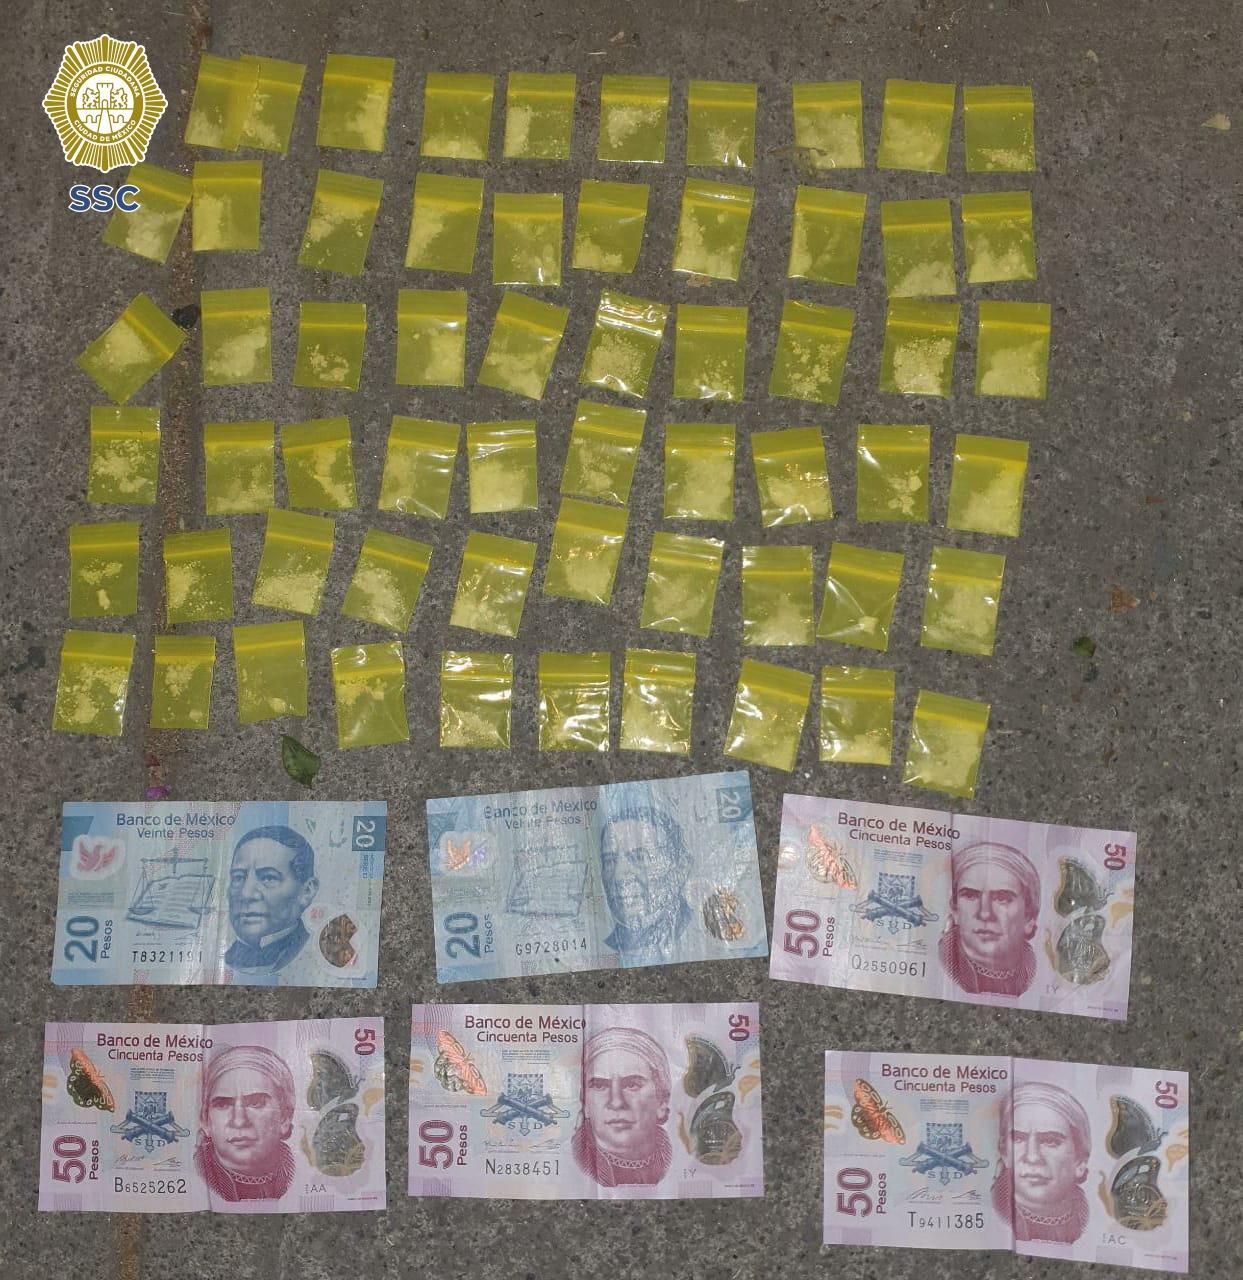 La SSC detuvo a un colombiano y un mexicano, posiblemente relacionados con un grupo delictivo dedicado a la comercialización de estupefacientes, en la alcaldía Cuauhtémoc